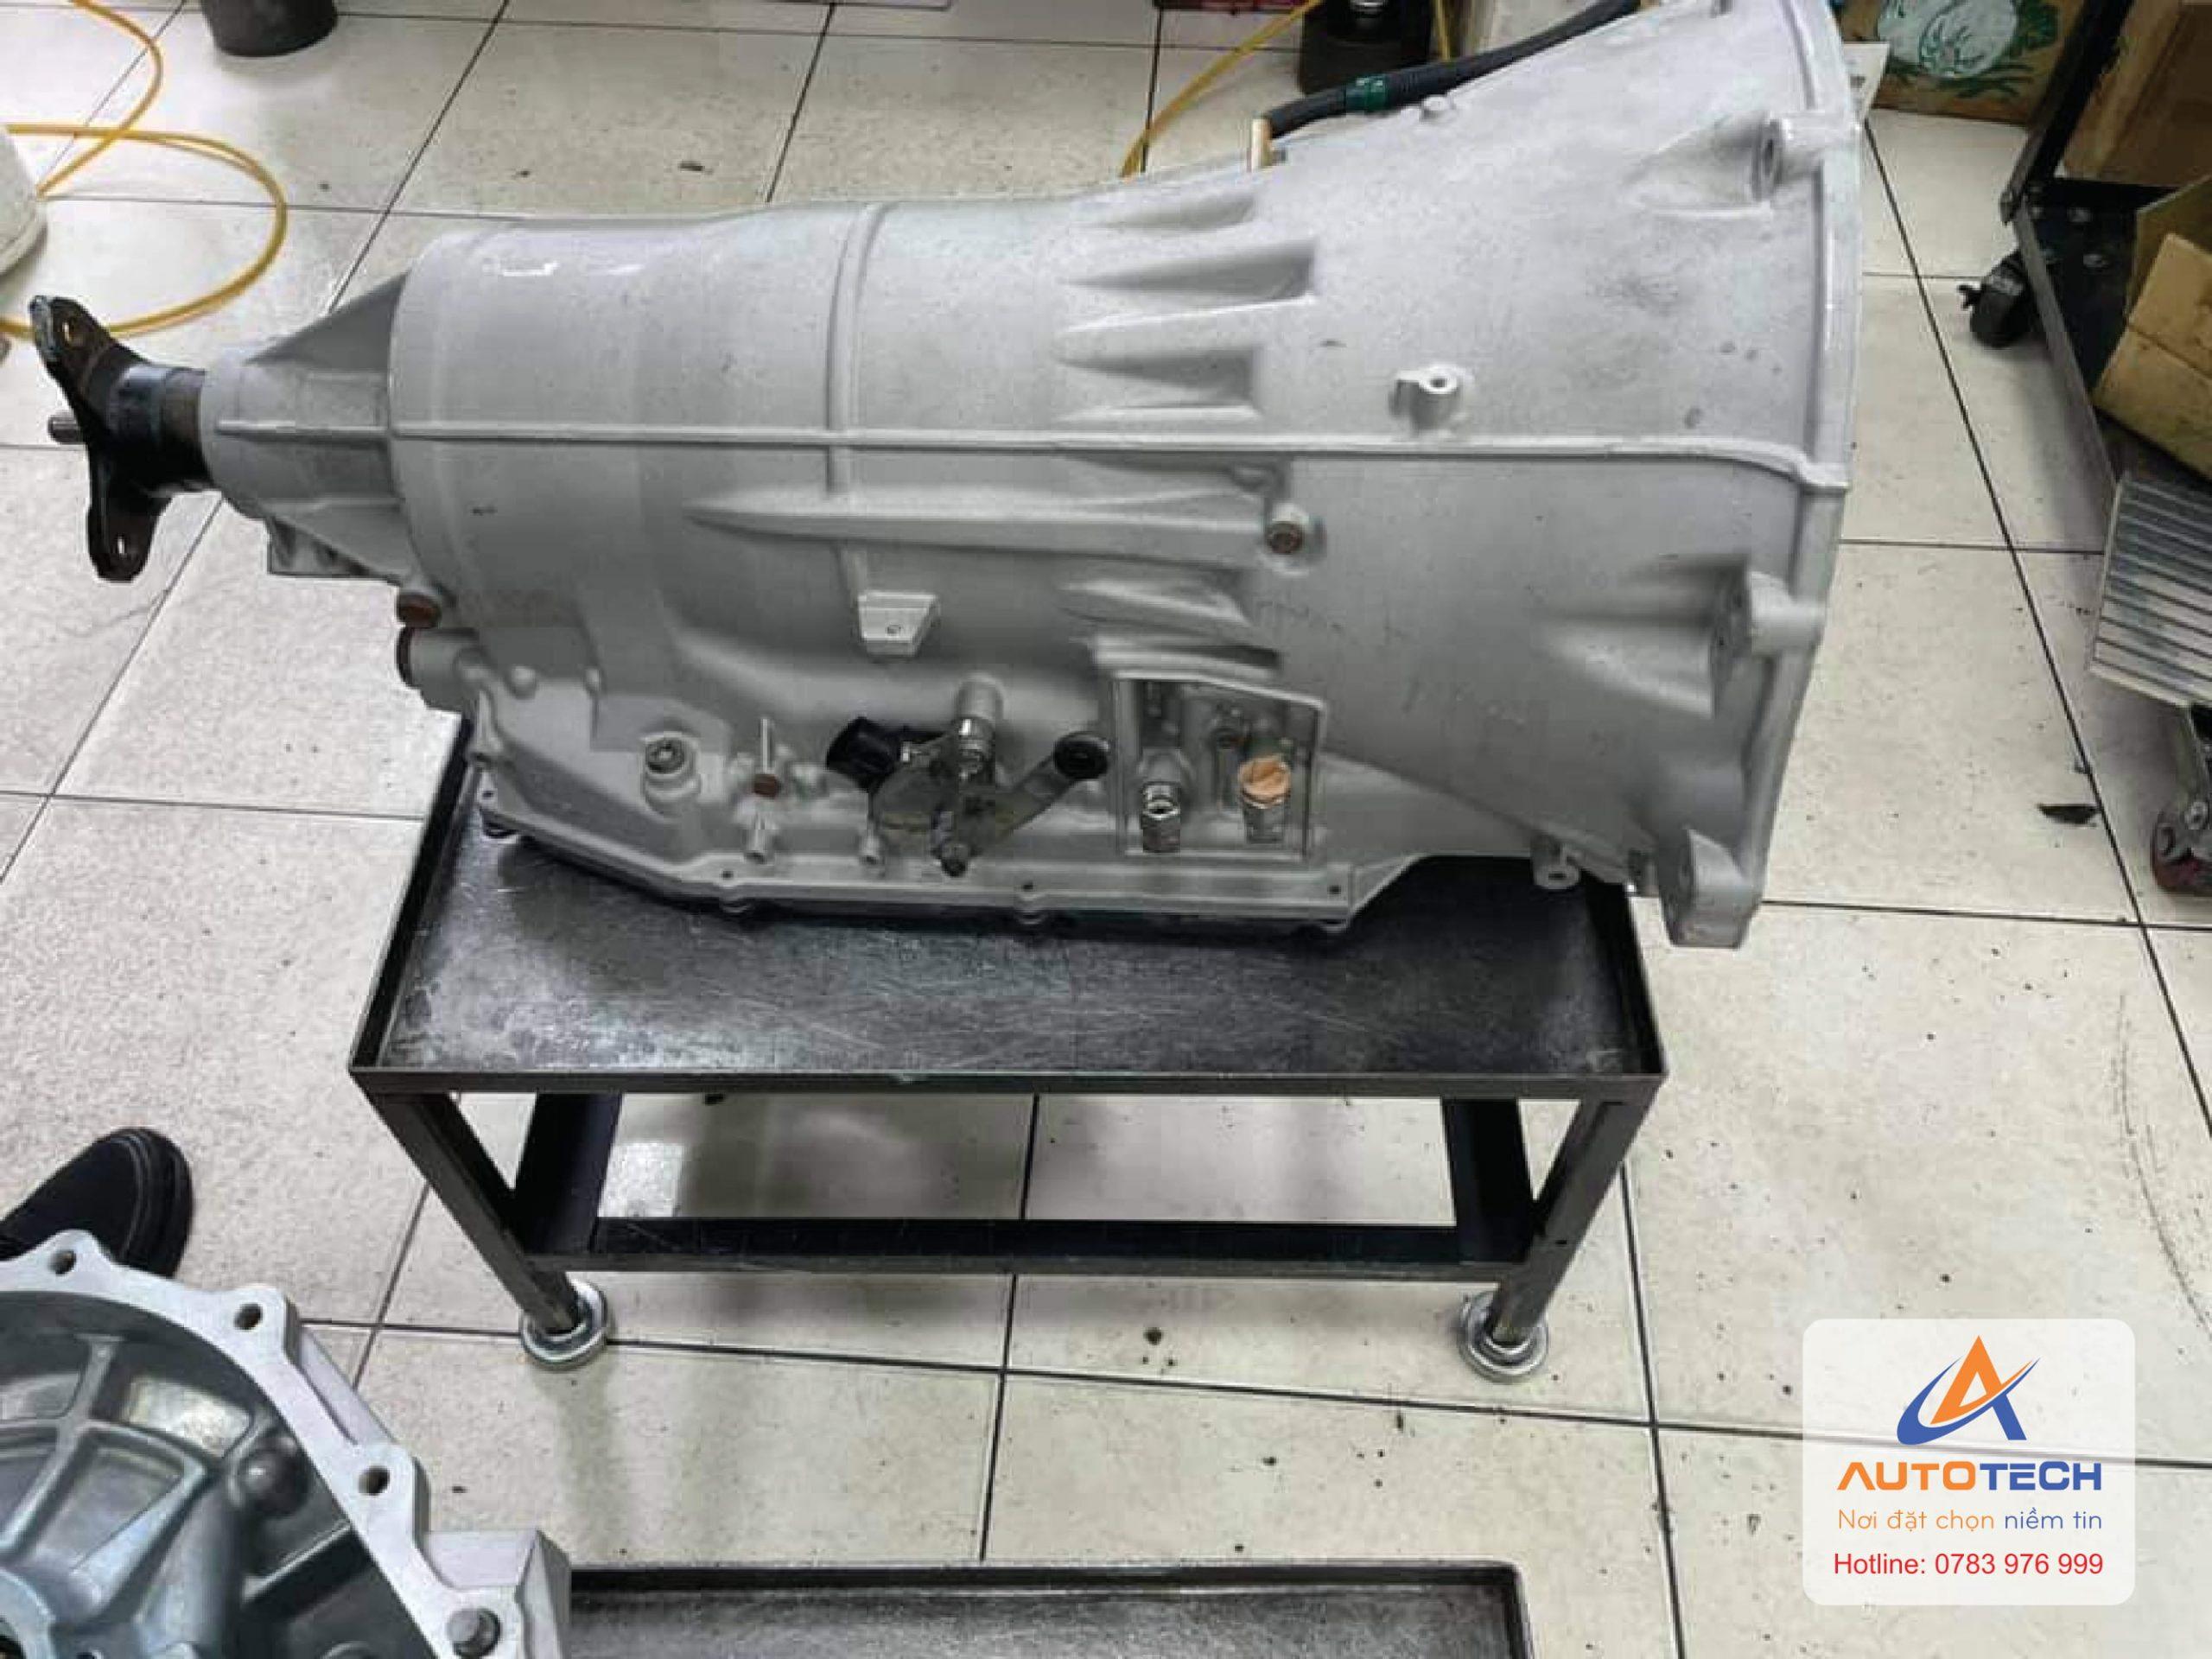 Hộp số Lexus LS460 sau khi đã sửa chữa.